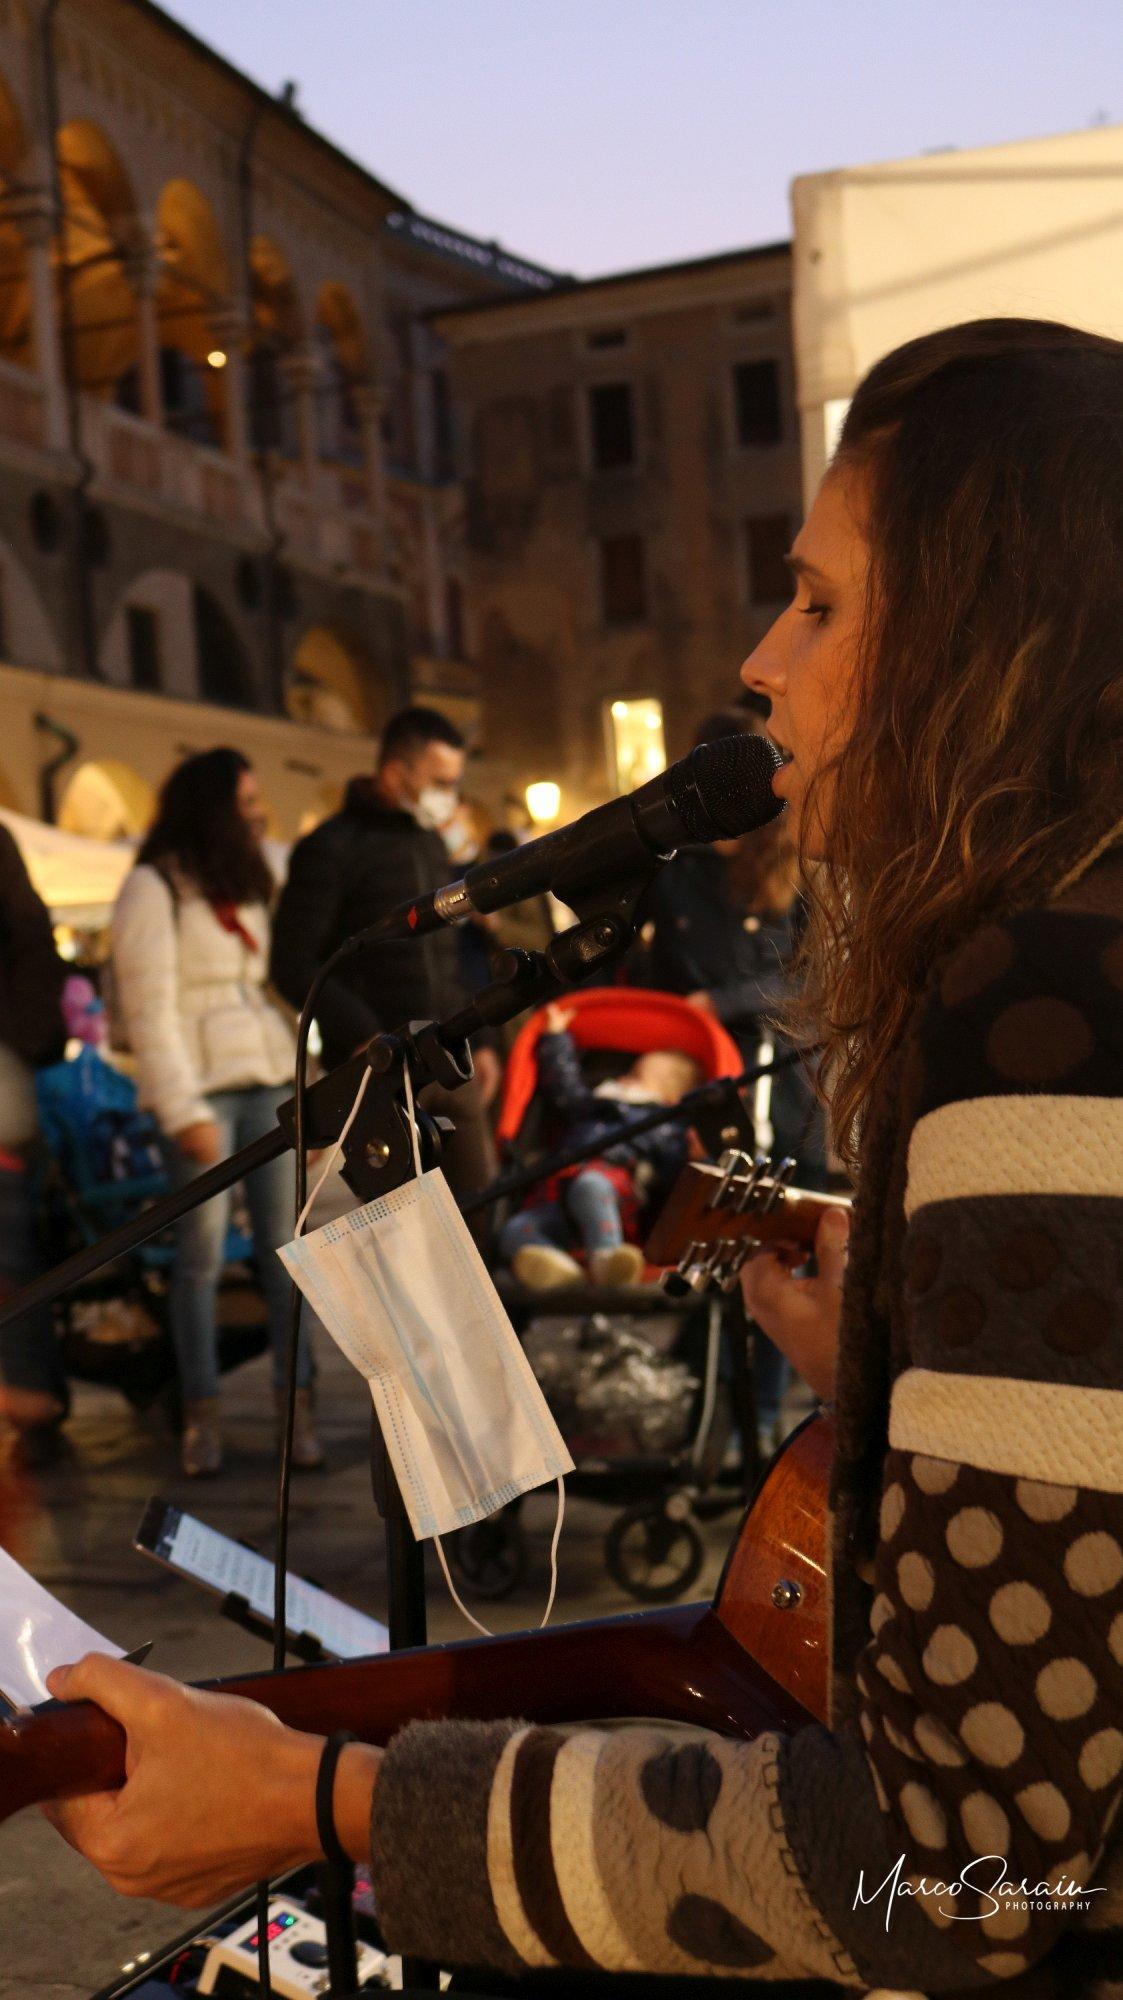 Waves Giulia Mazzali e Fabio Palmitesta - Piazza della Frutta 2020